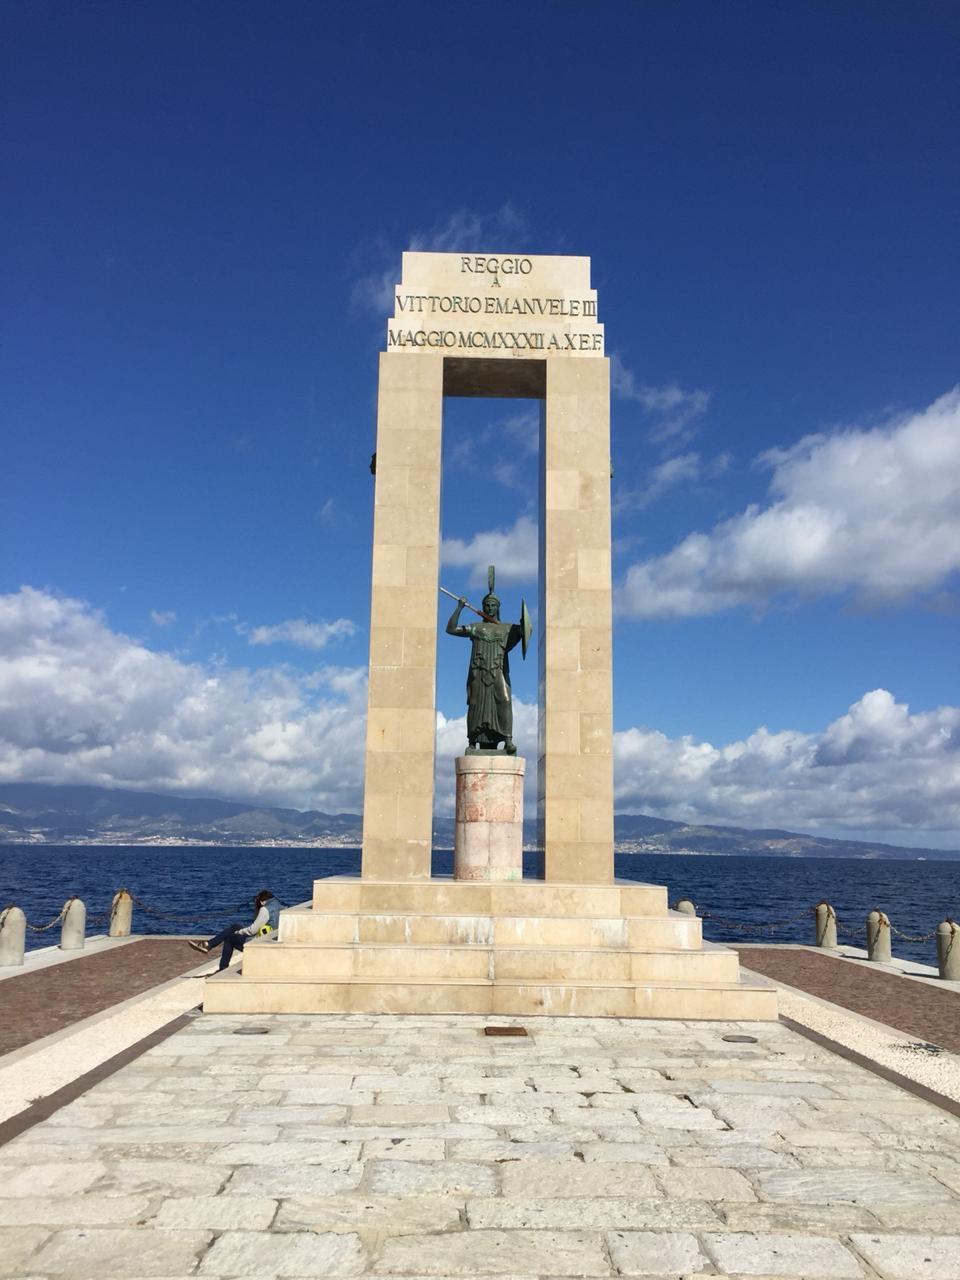 Luongomare de Reggio Calabria